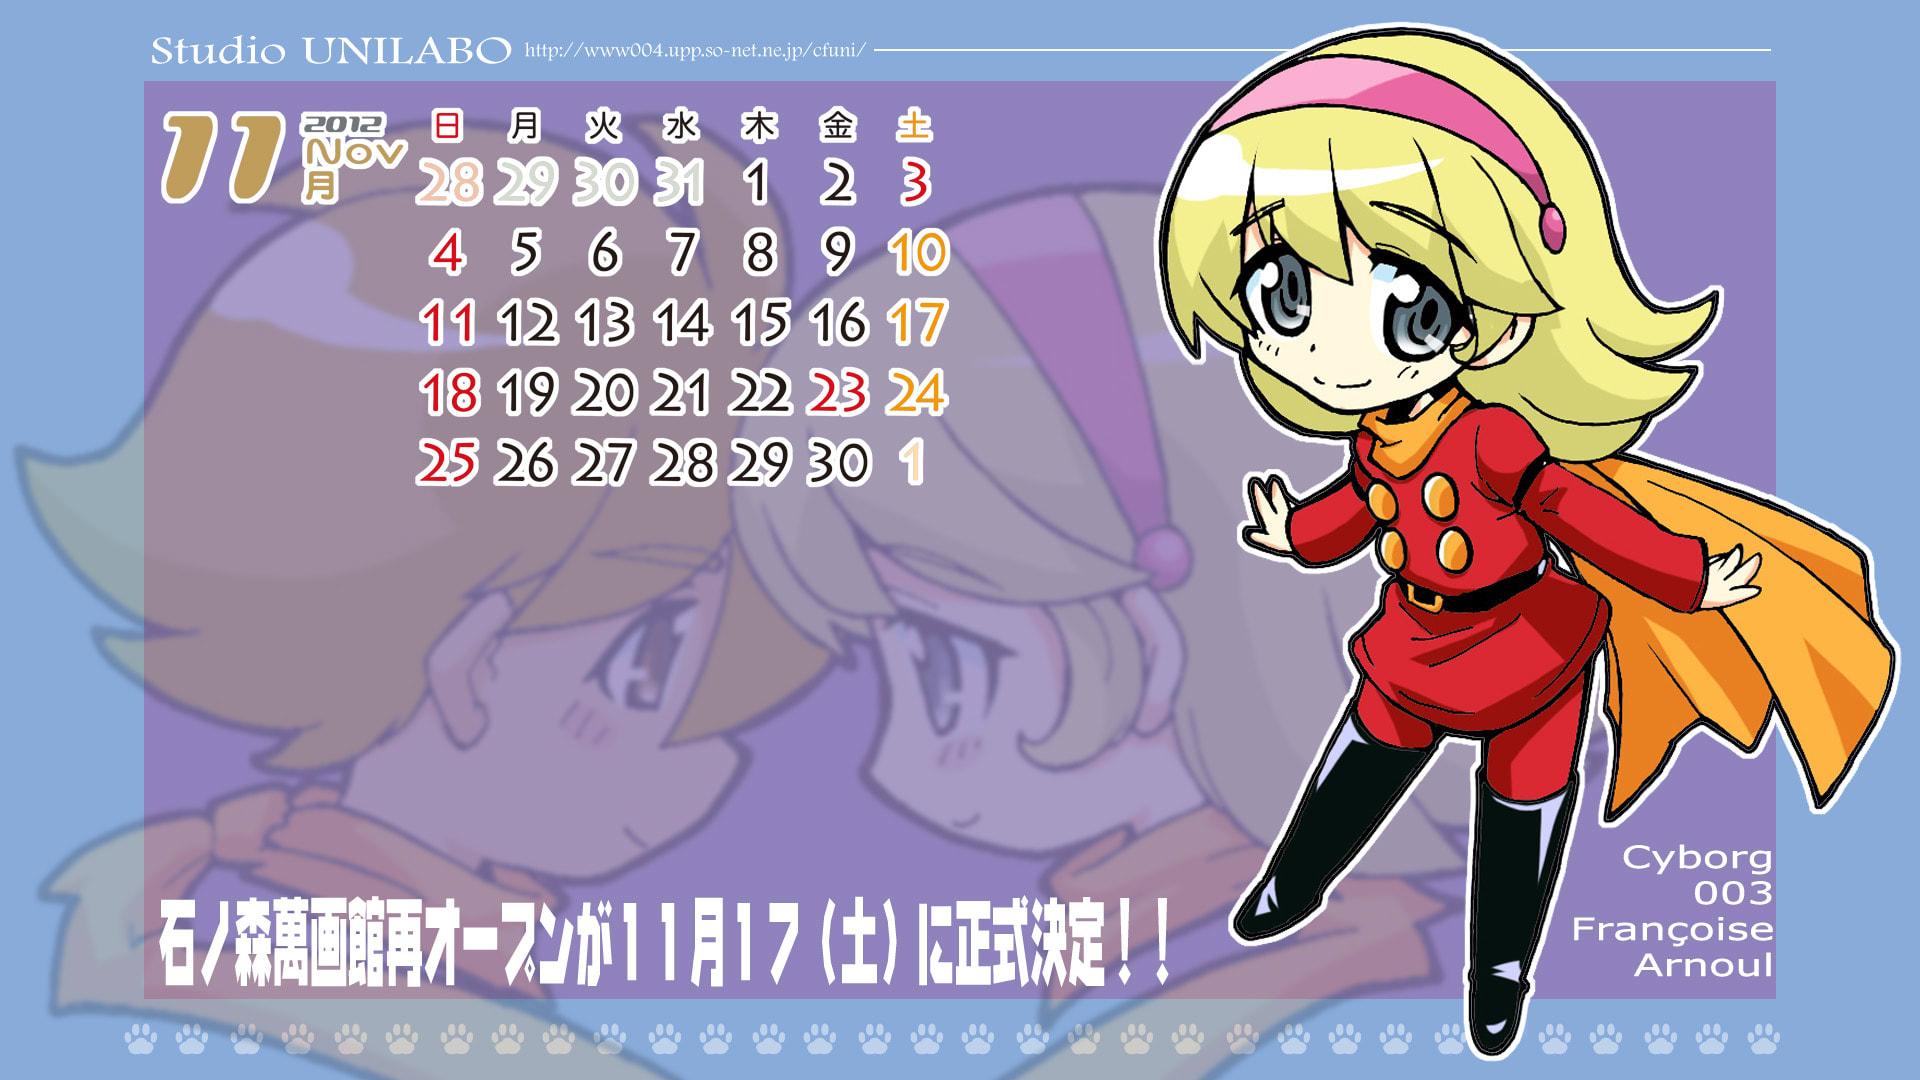 2012年11月の壁紙カレンダー配布 Free 003特別バージョン